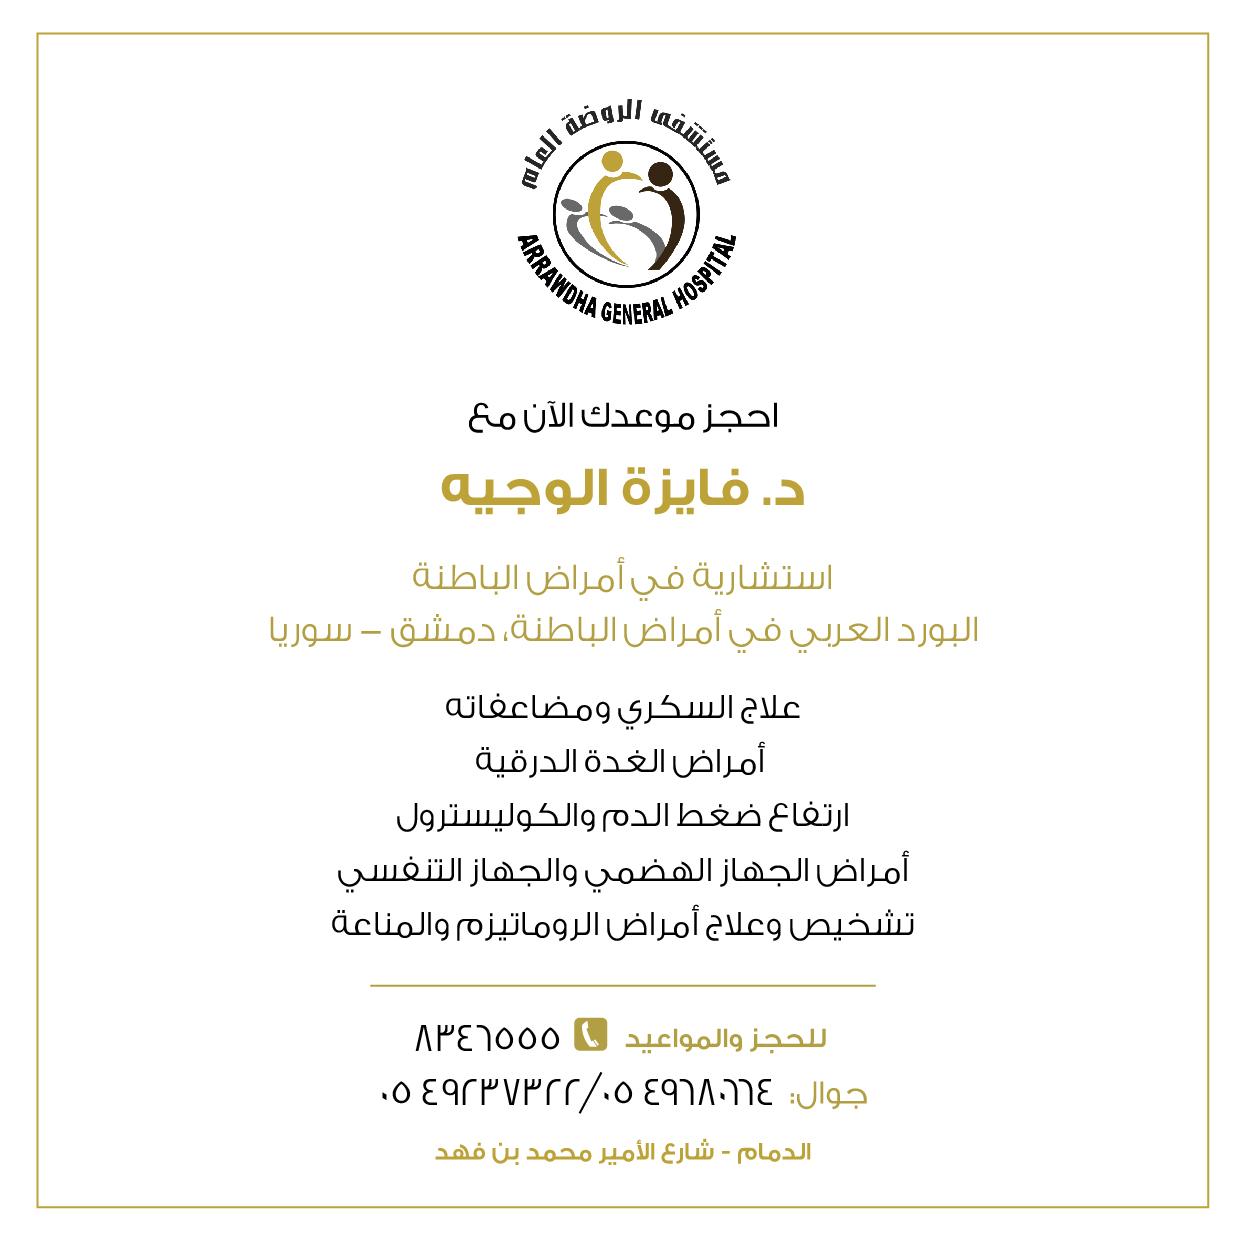 Dr. Fayza Al Wajeih